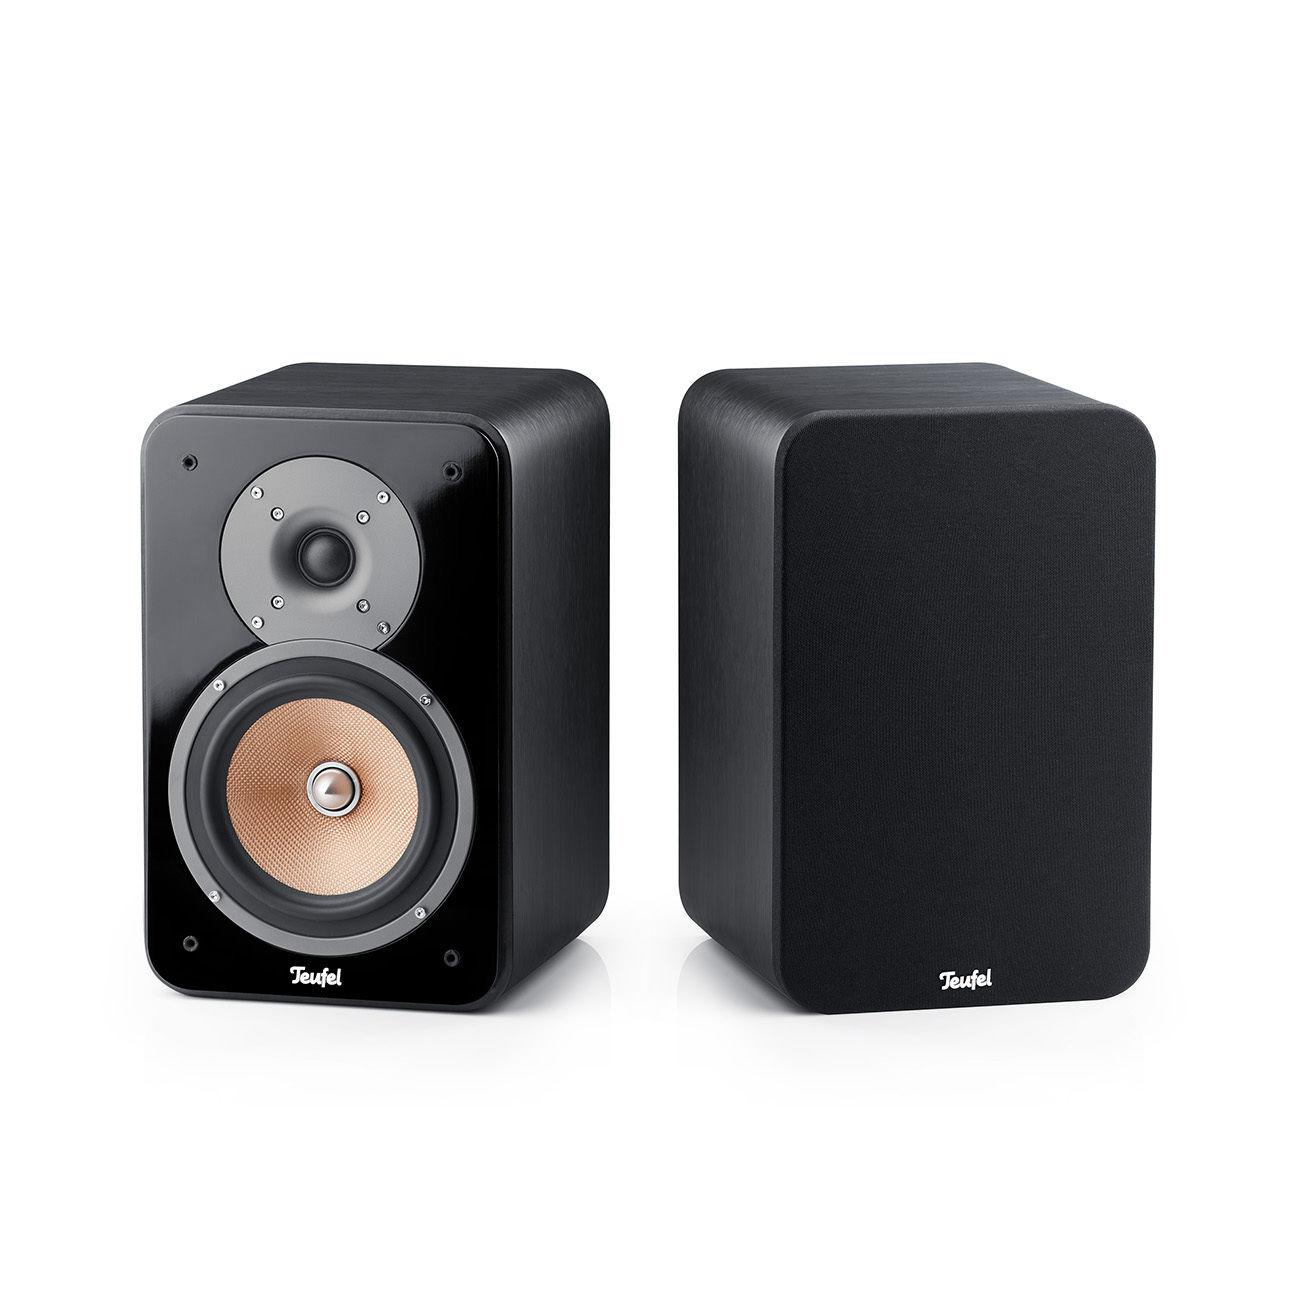 Teufel Ultima 20 Mk2 Stereo-Regallautsprecher Paar für nur 134,99 Euro inkl. Versand